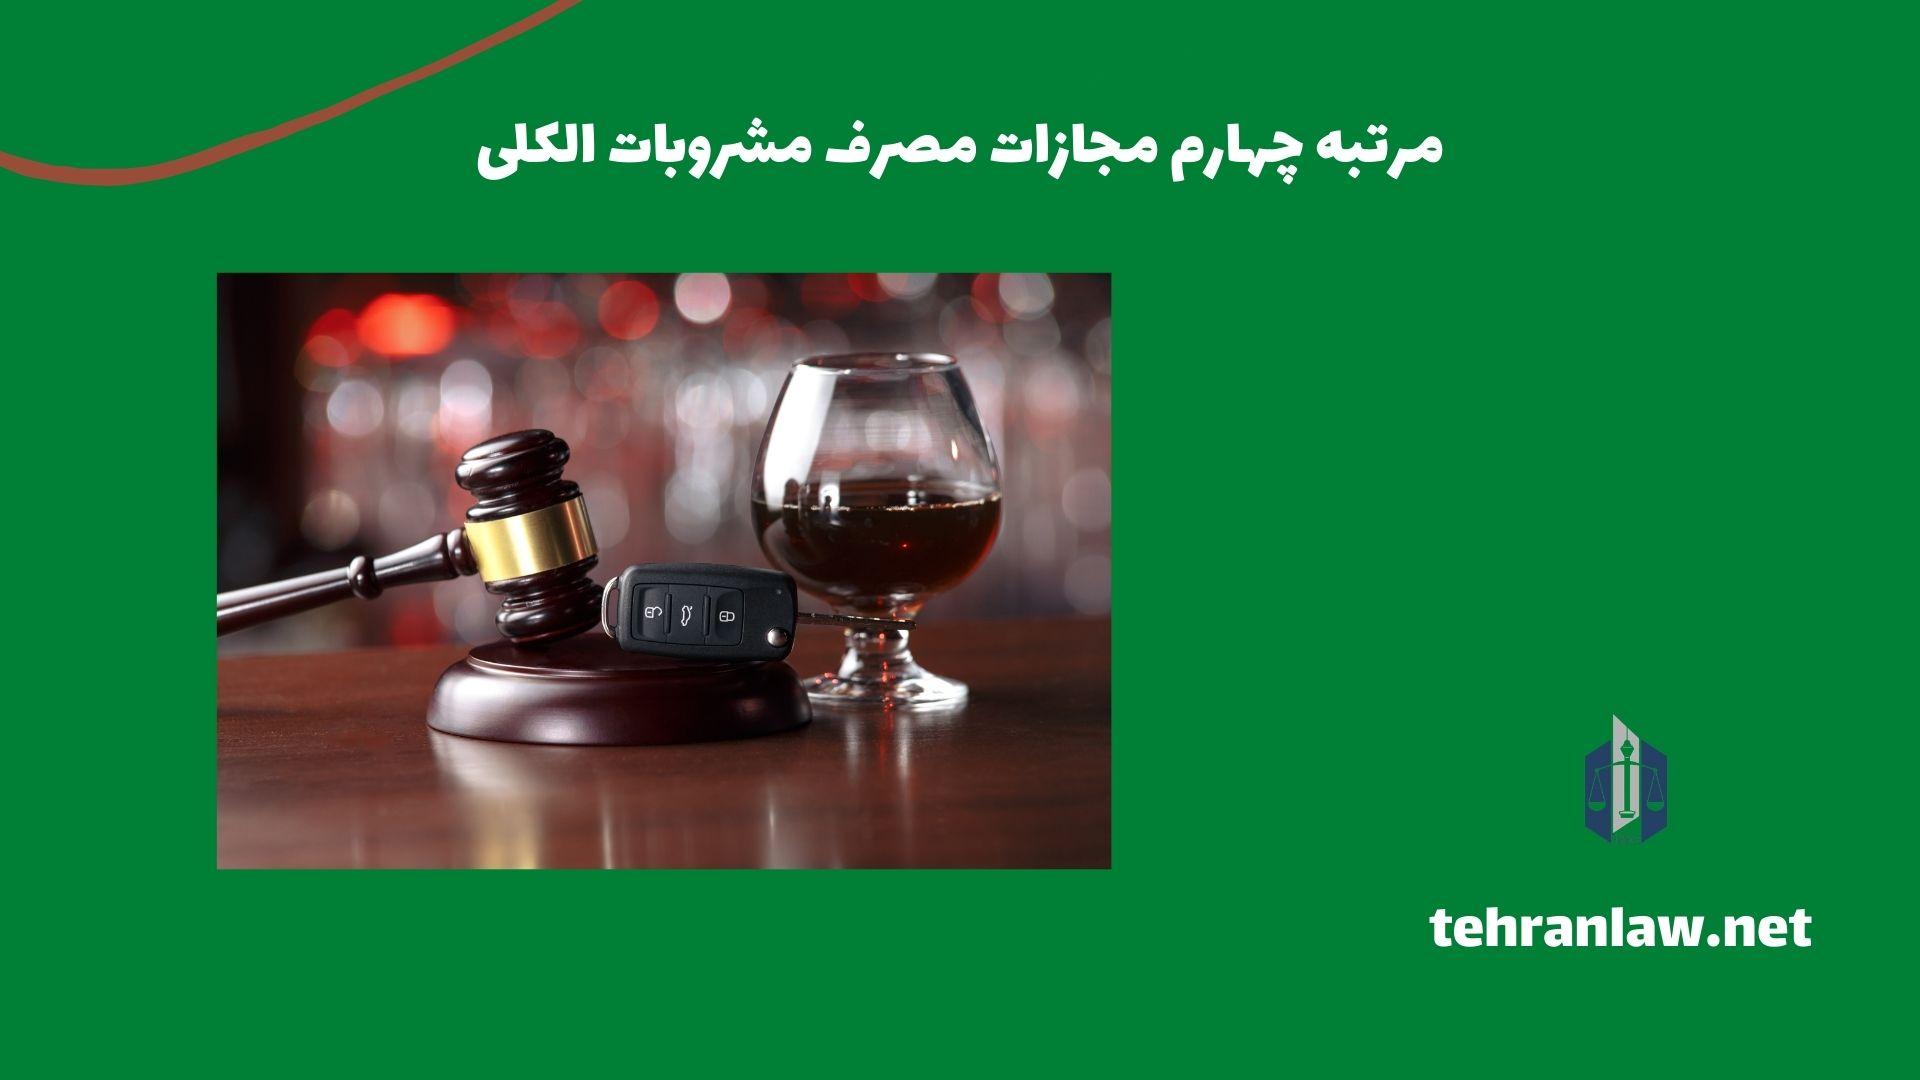 مرتبه چهارم مجازات مصرف مشروبات الکلی